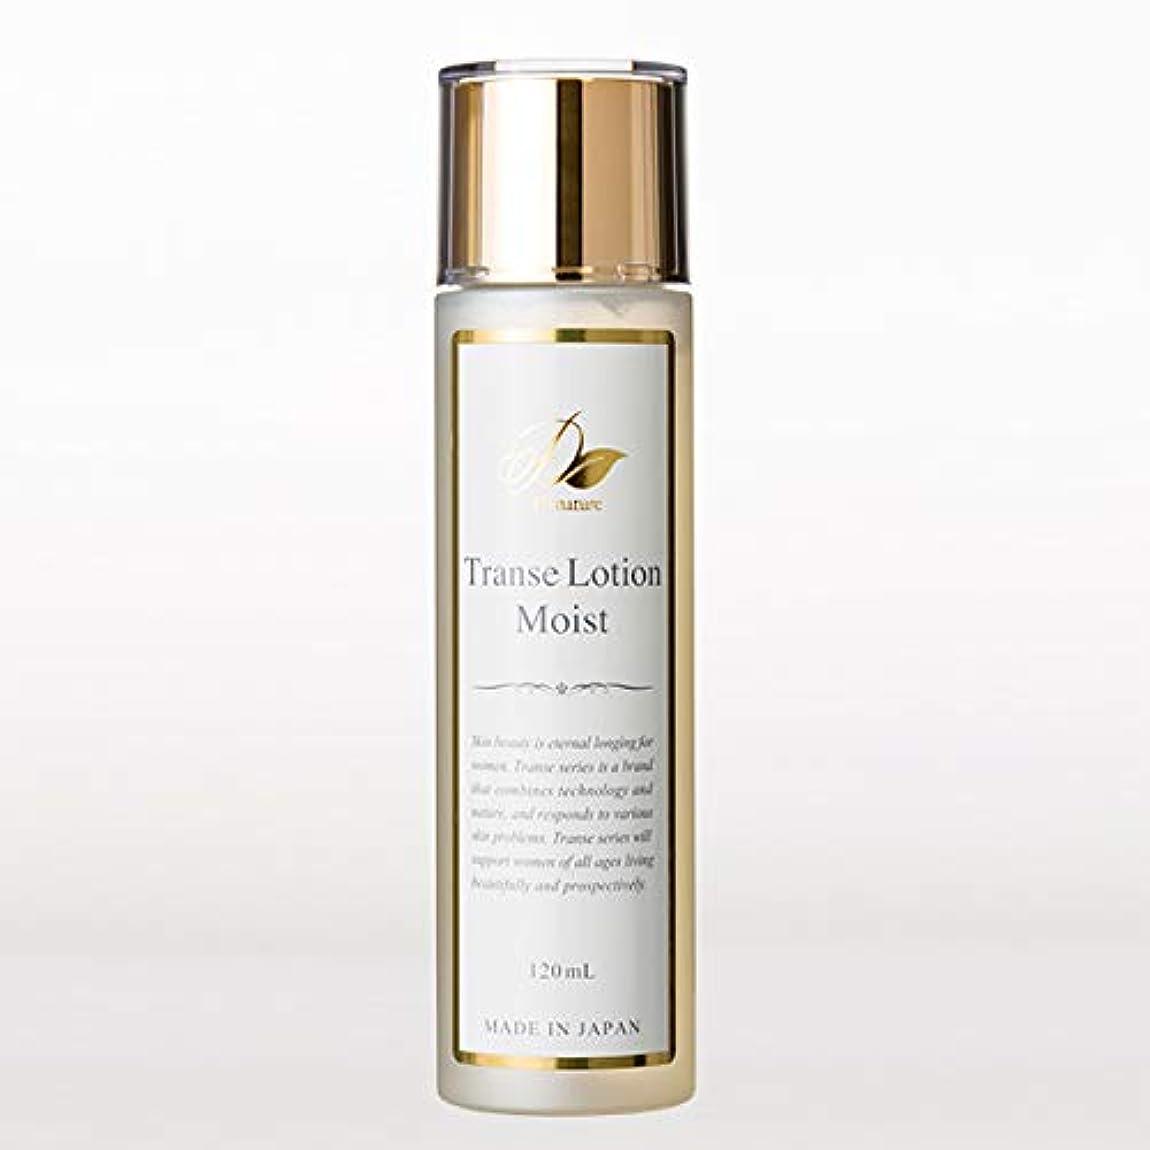 アプローチ傾いたコジオスコトランス 化粧水 Moist 120ml しっとりタイプ「明るく 透明感 トーンアップ ブライトニング メラニン対策 エイジングケア」